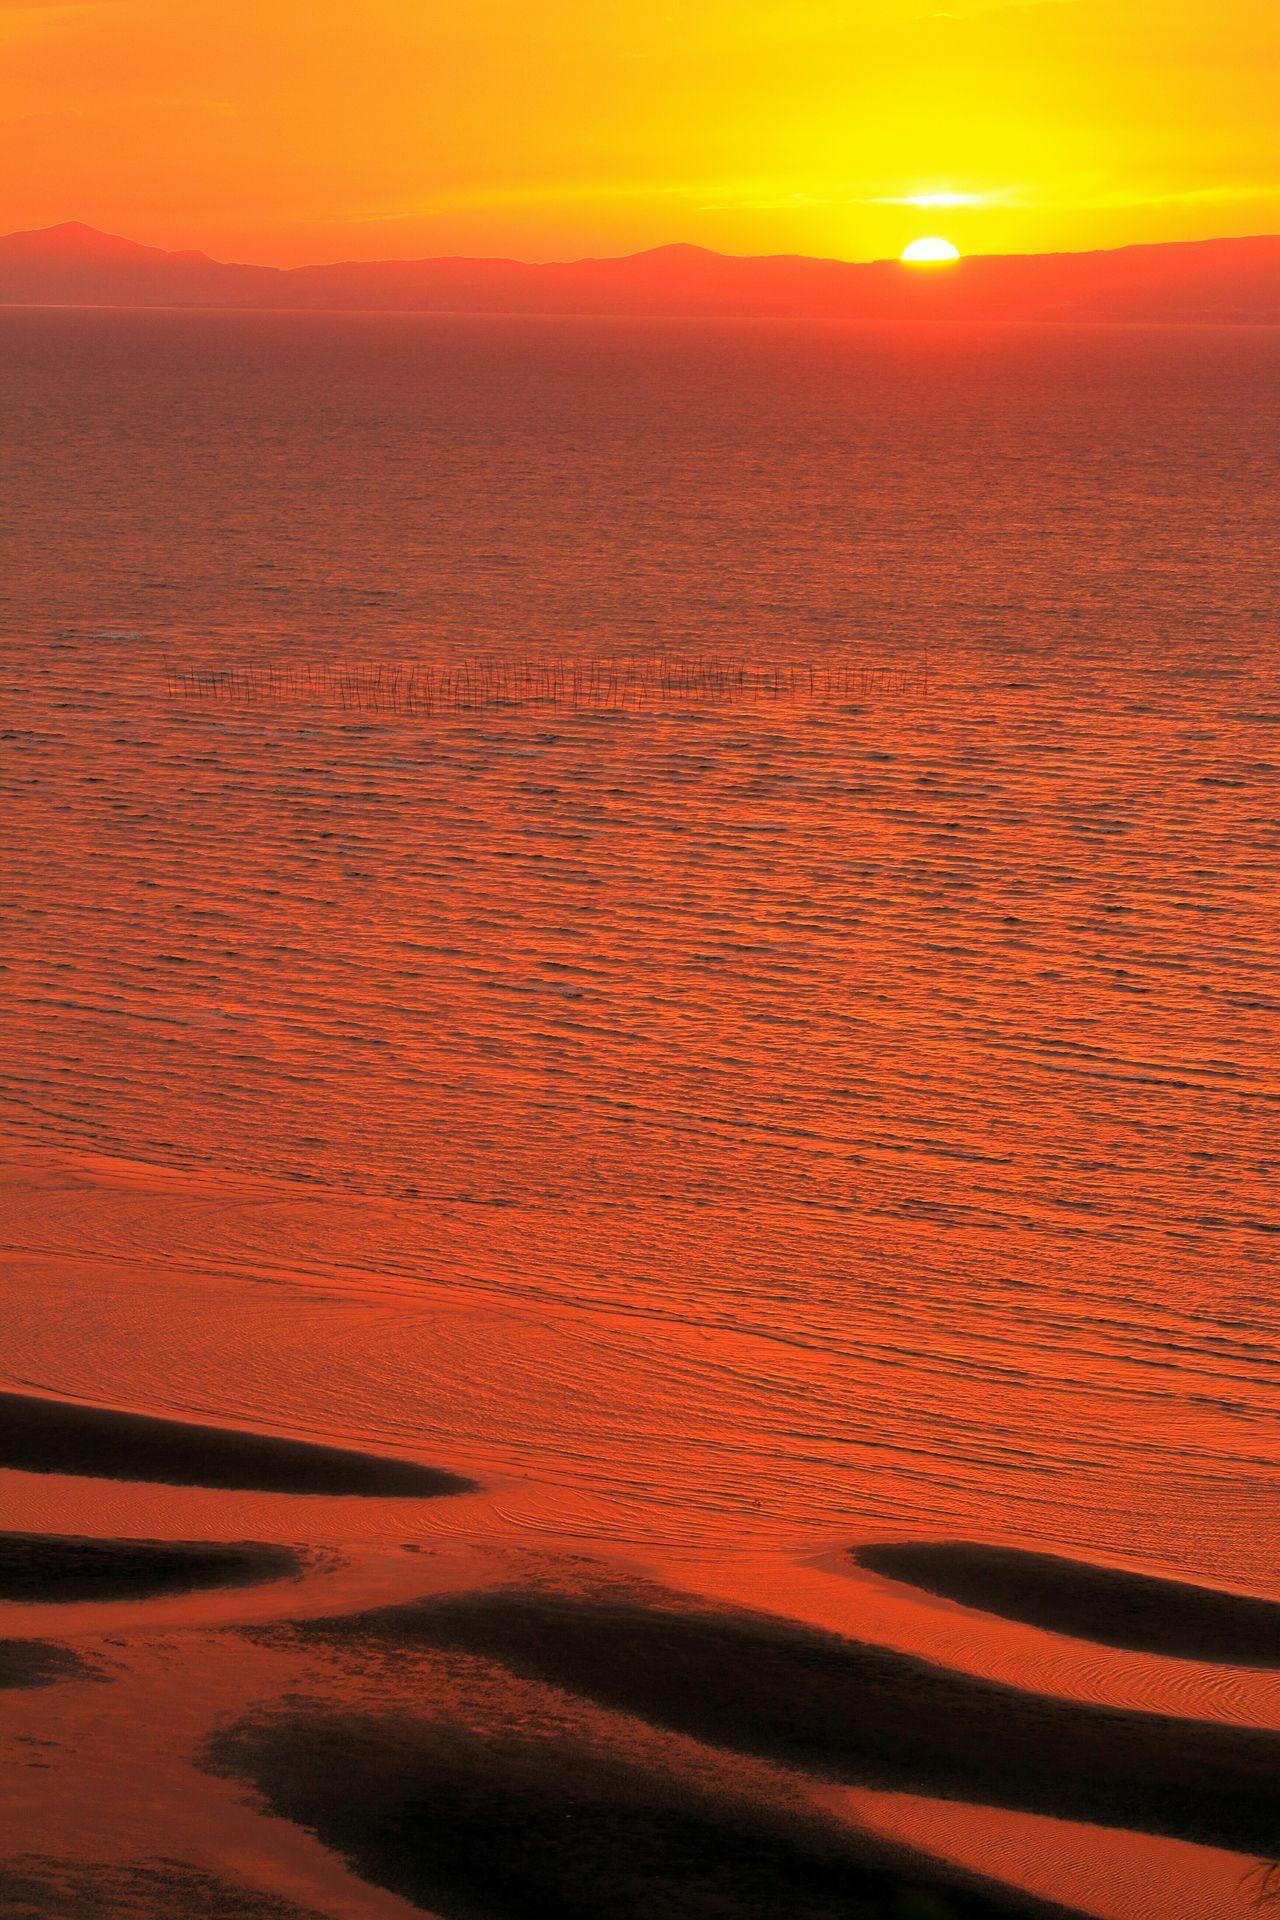 三脚固定だから代わり映えしない構図だけど……時間の経過をお楽しみください♪(*´︶`*)✿ Cloud And Sky Sky And Clouds EyeEm Best Shots - Sunset + Sunrise Sea And Sky Sunset_collection Coast Tidelands Tideland 思わず足を止めた景色♪(*´︶`*)✿ Eyeem Best Shots - Sky And Cloud